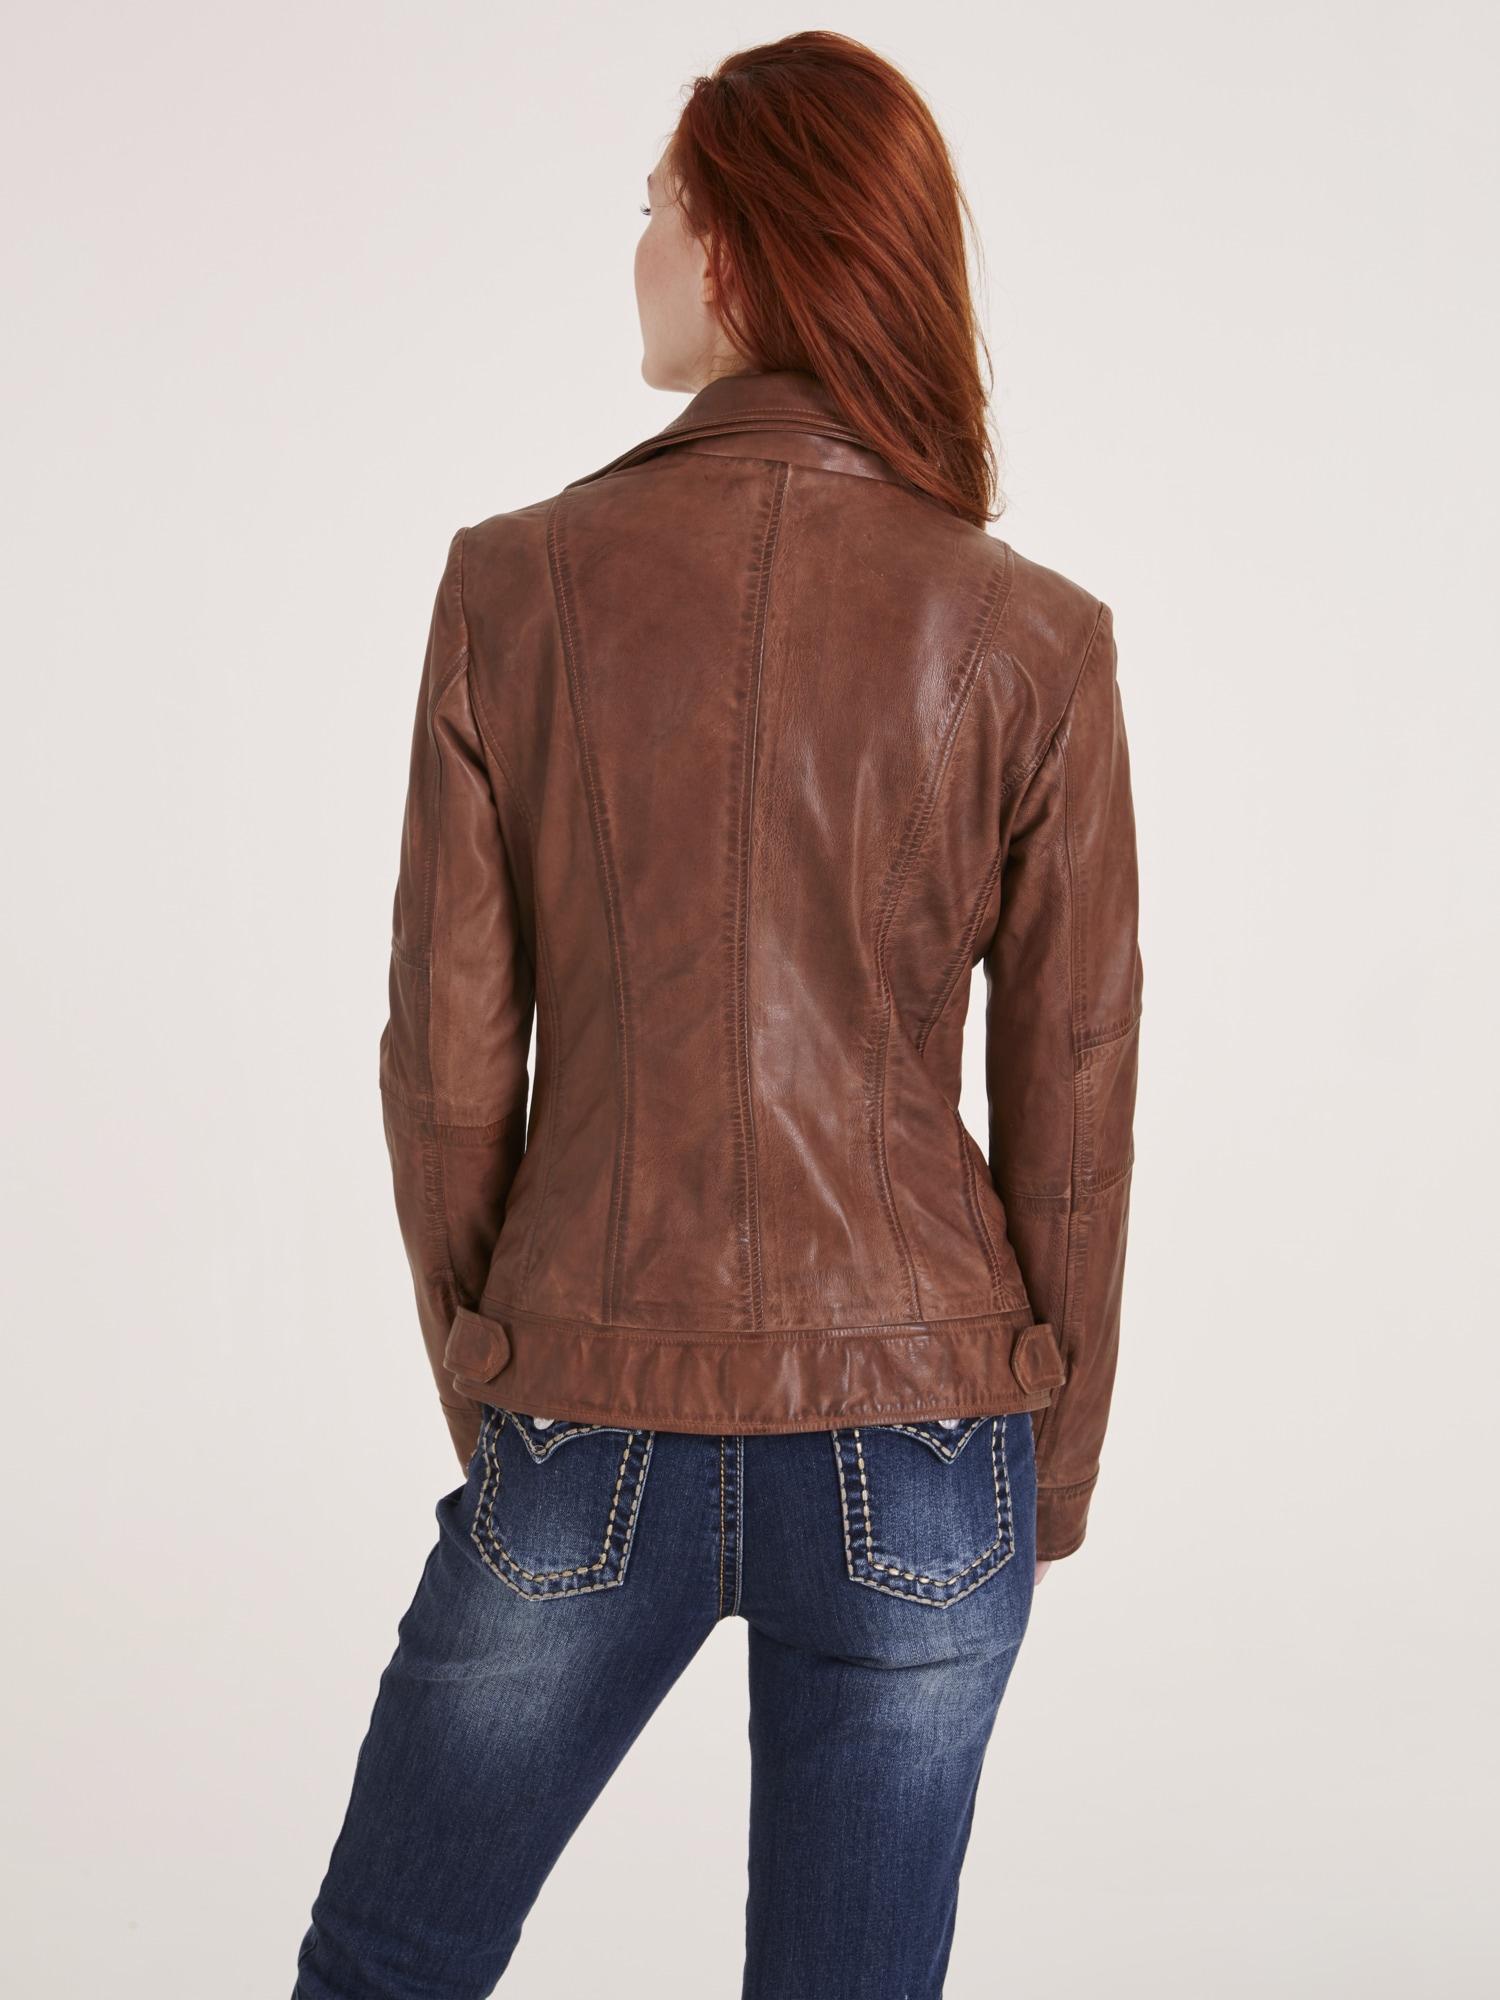 heine CASUAL Lederjacke mit aufgesetzten Taschen | Bekleidung > Jacken > Lederjacken & Kunstlederjacken | Grün | Polyester | Heine Casual